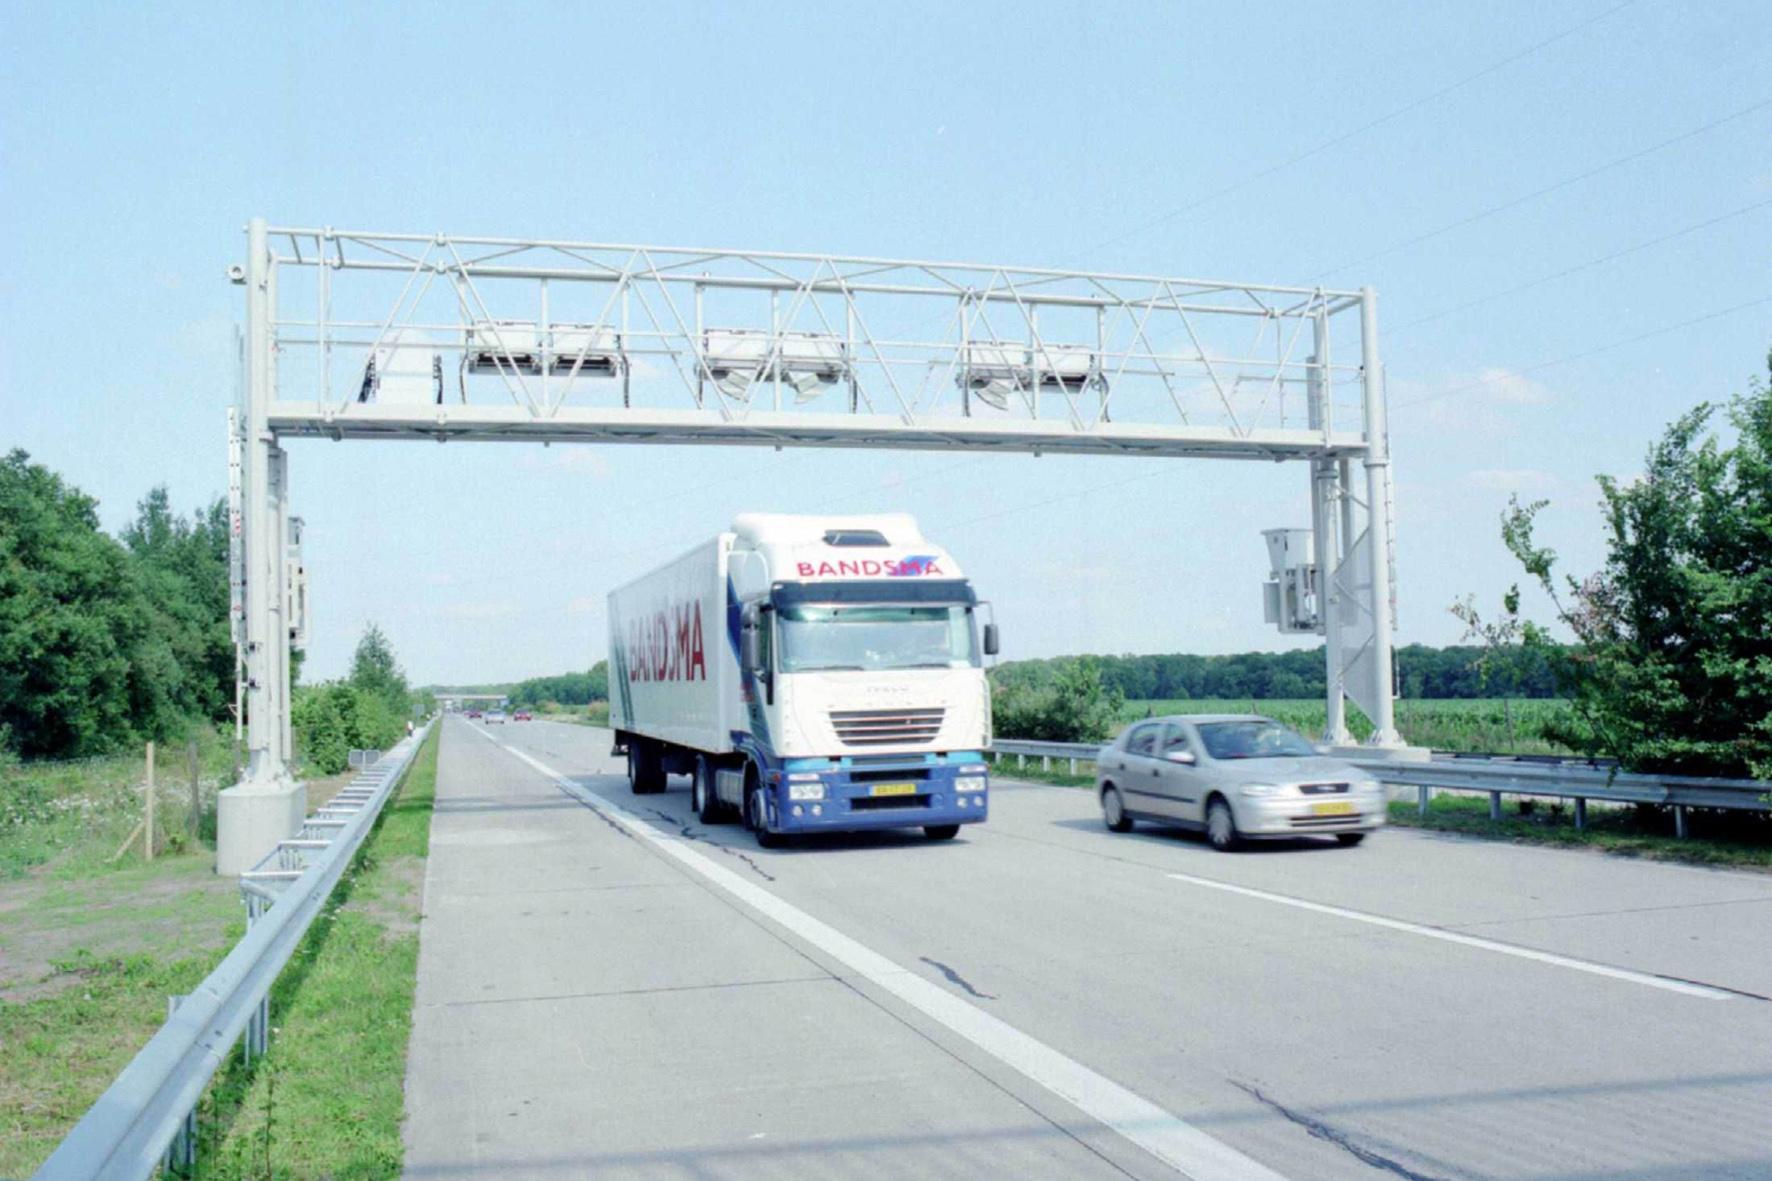 Vernetzte Autos können Verkehrsdaten mit anderen Fahrzeugen teilen